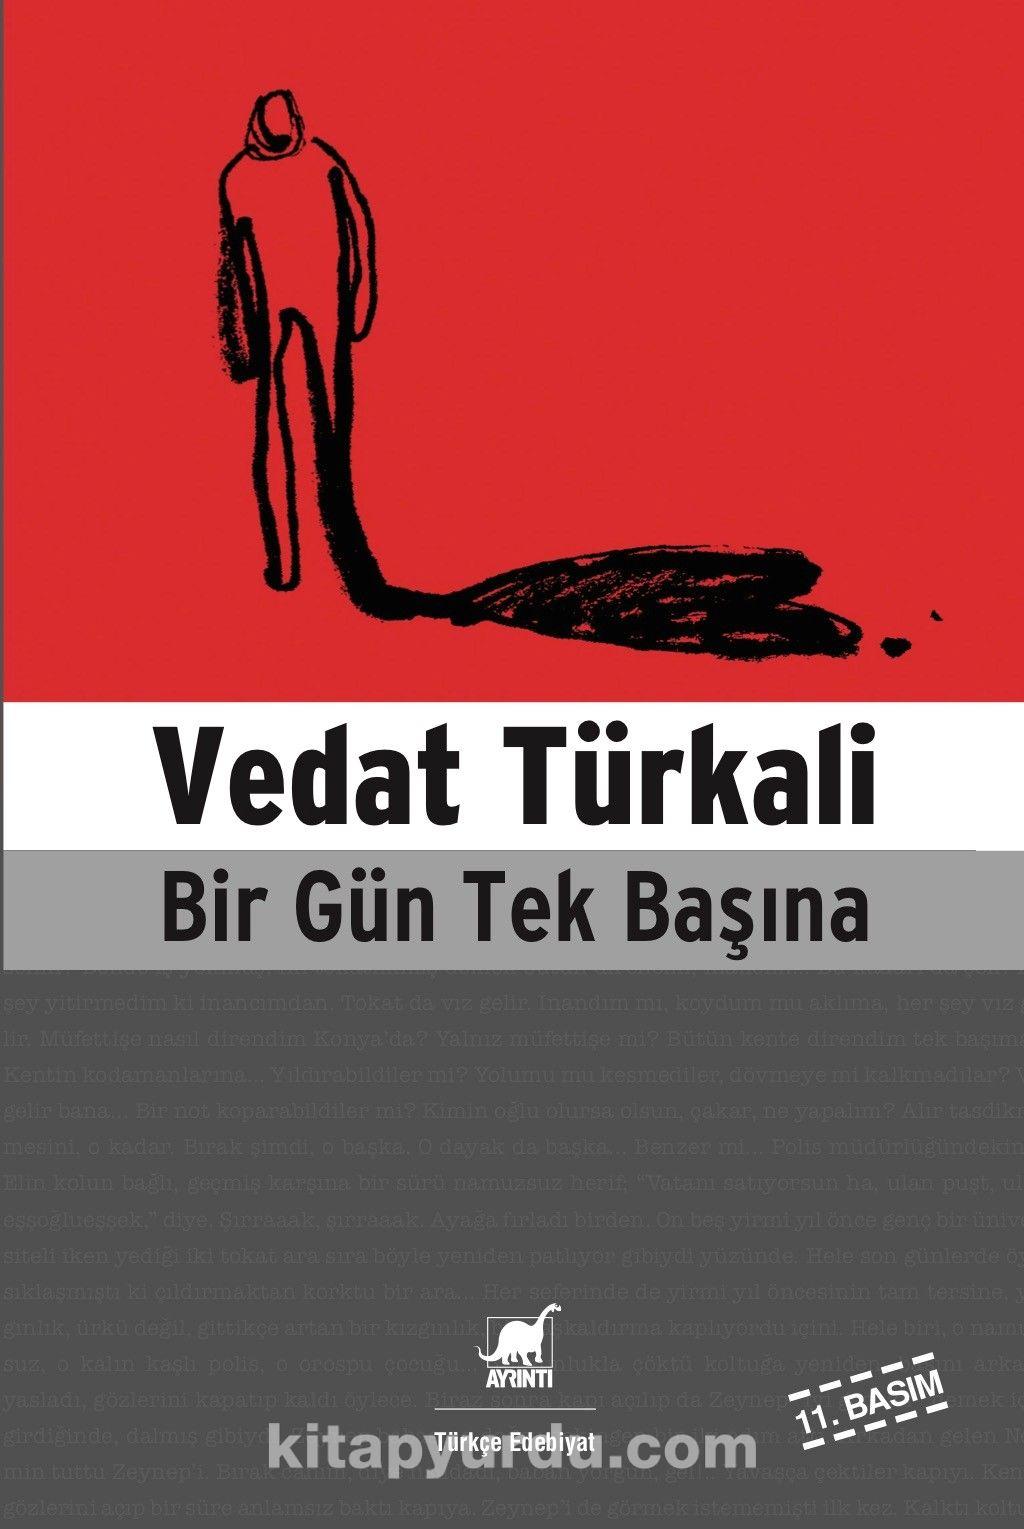 Bir Gün Tek Başına - Vedat Türkali